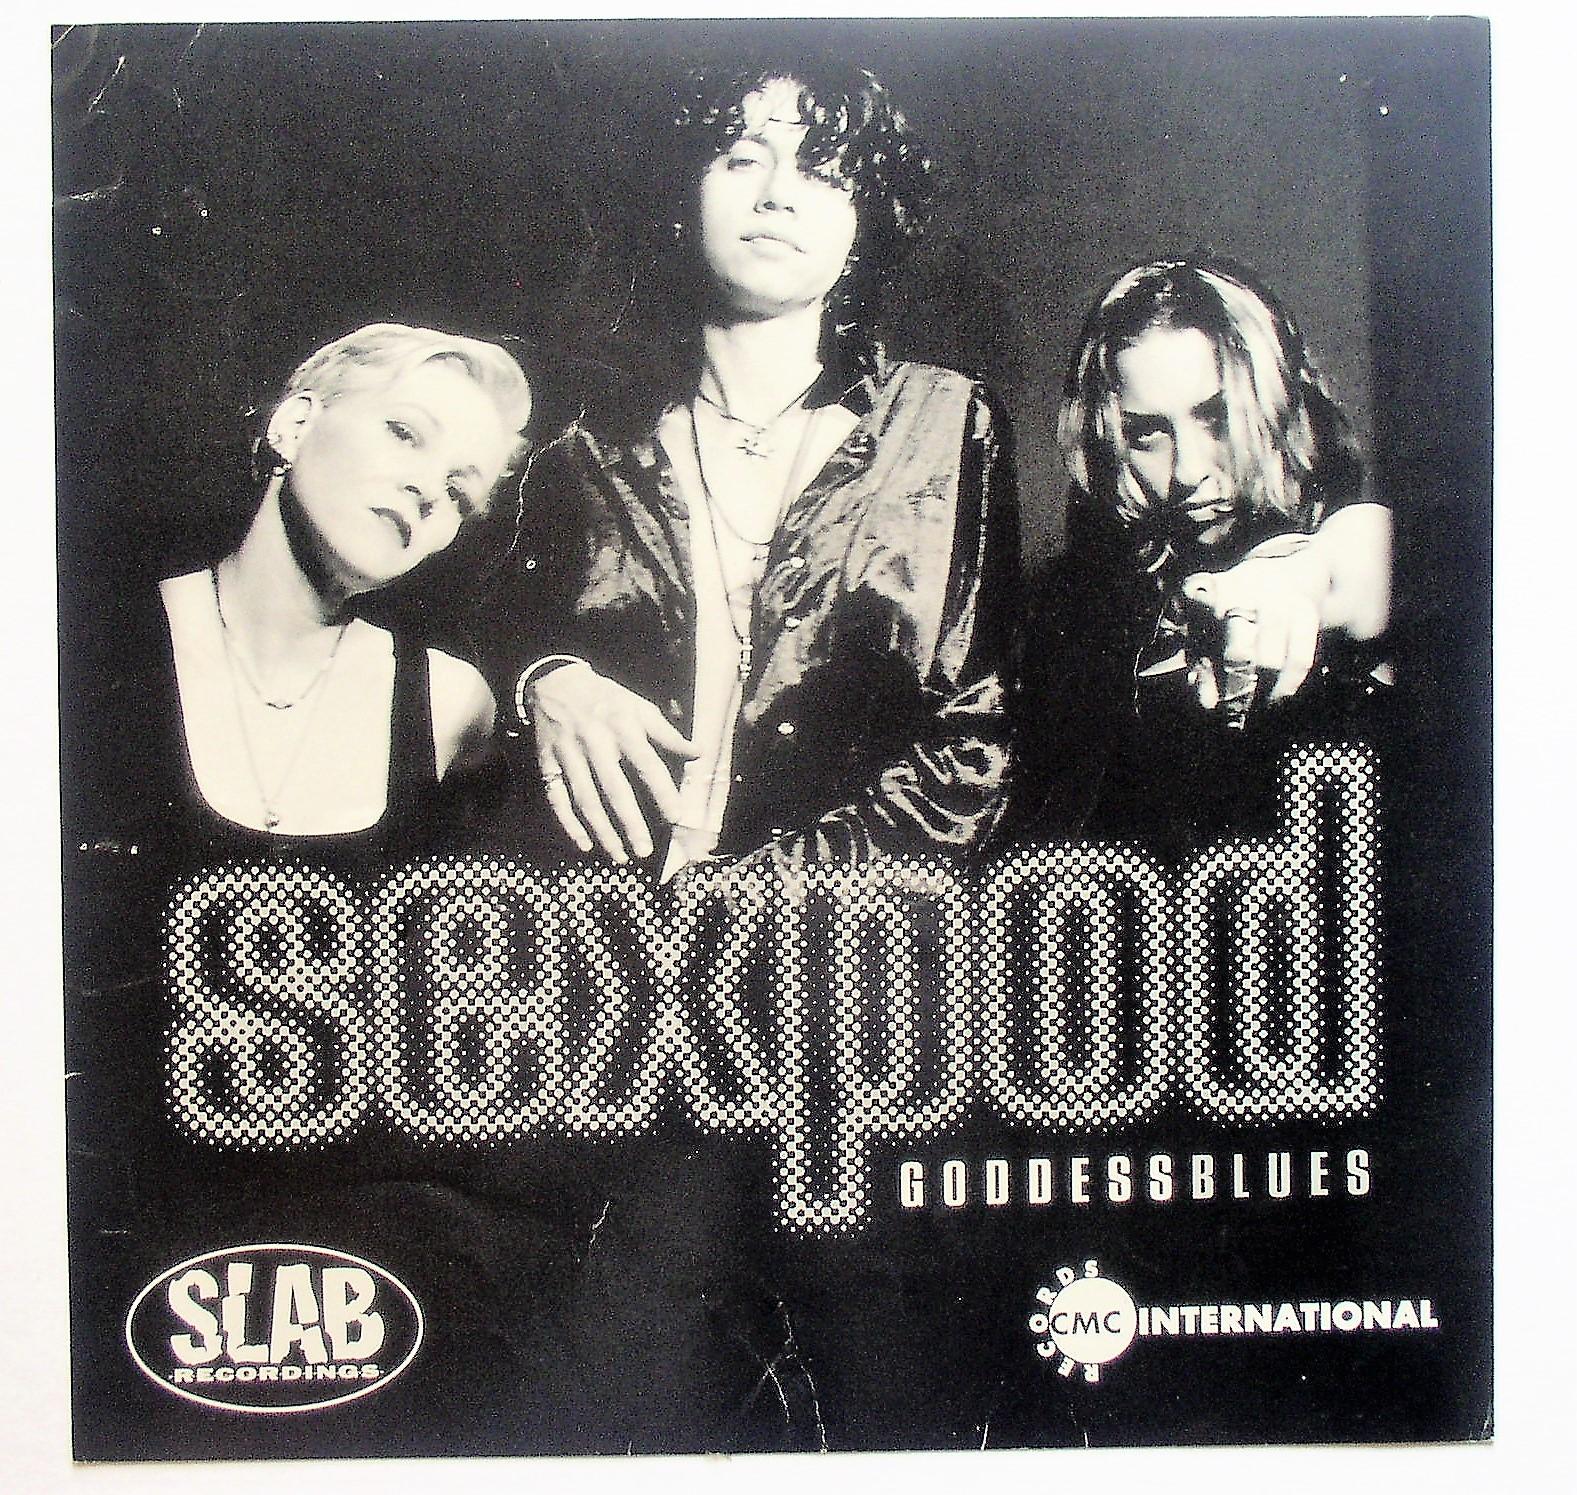 Sexpodd